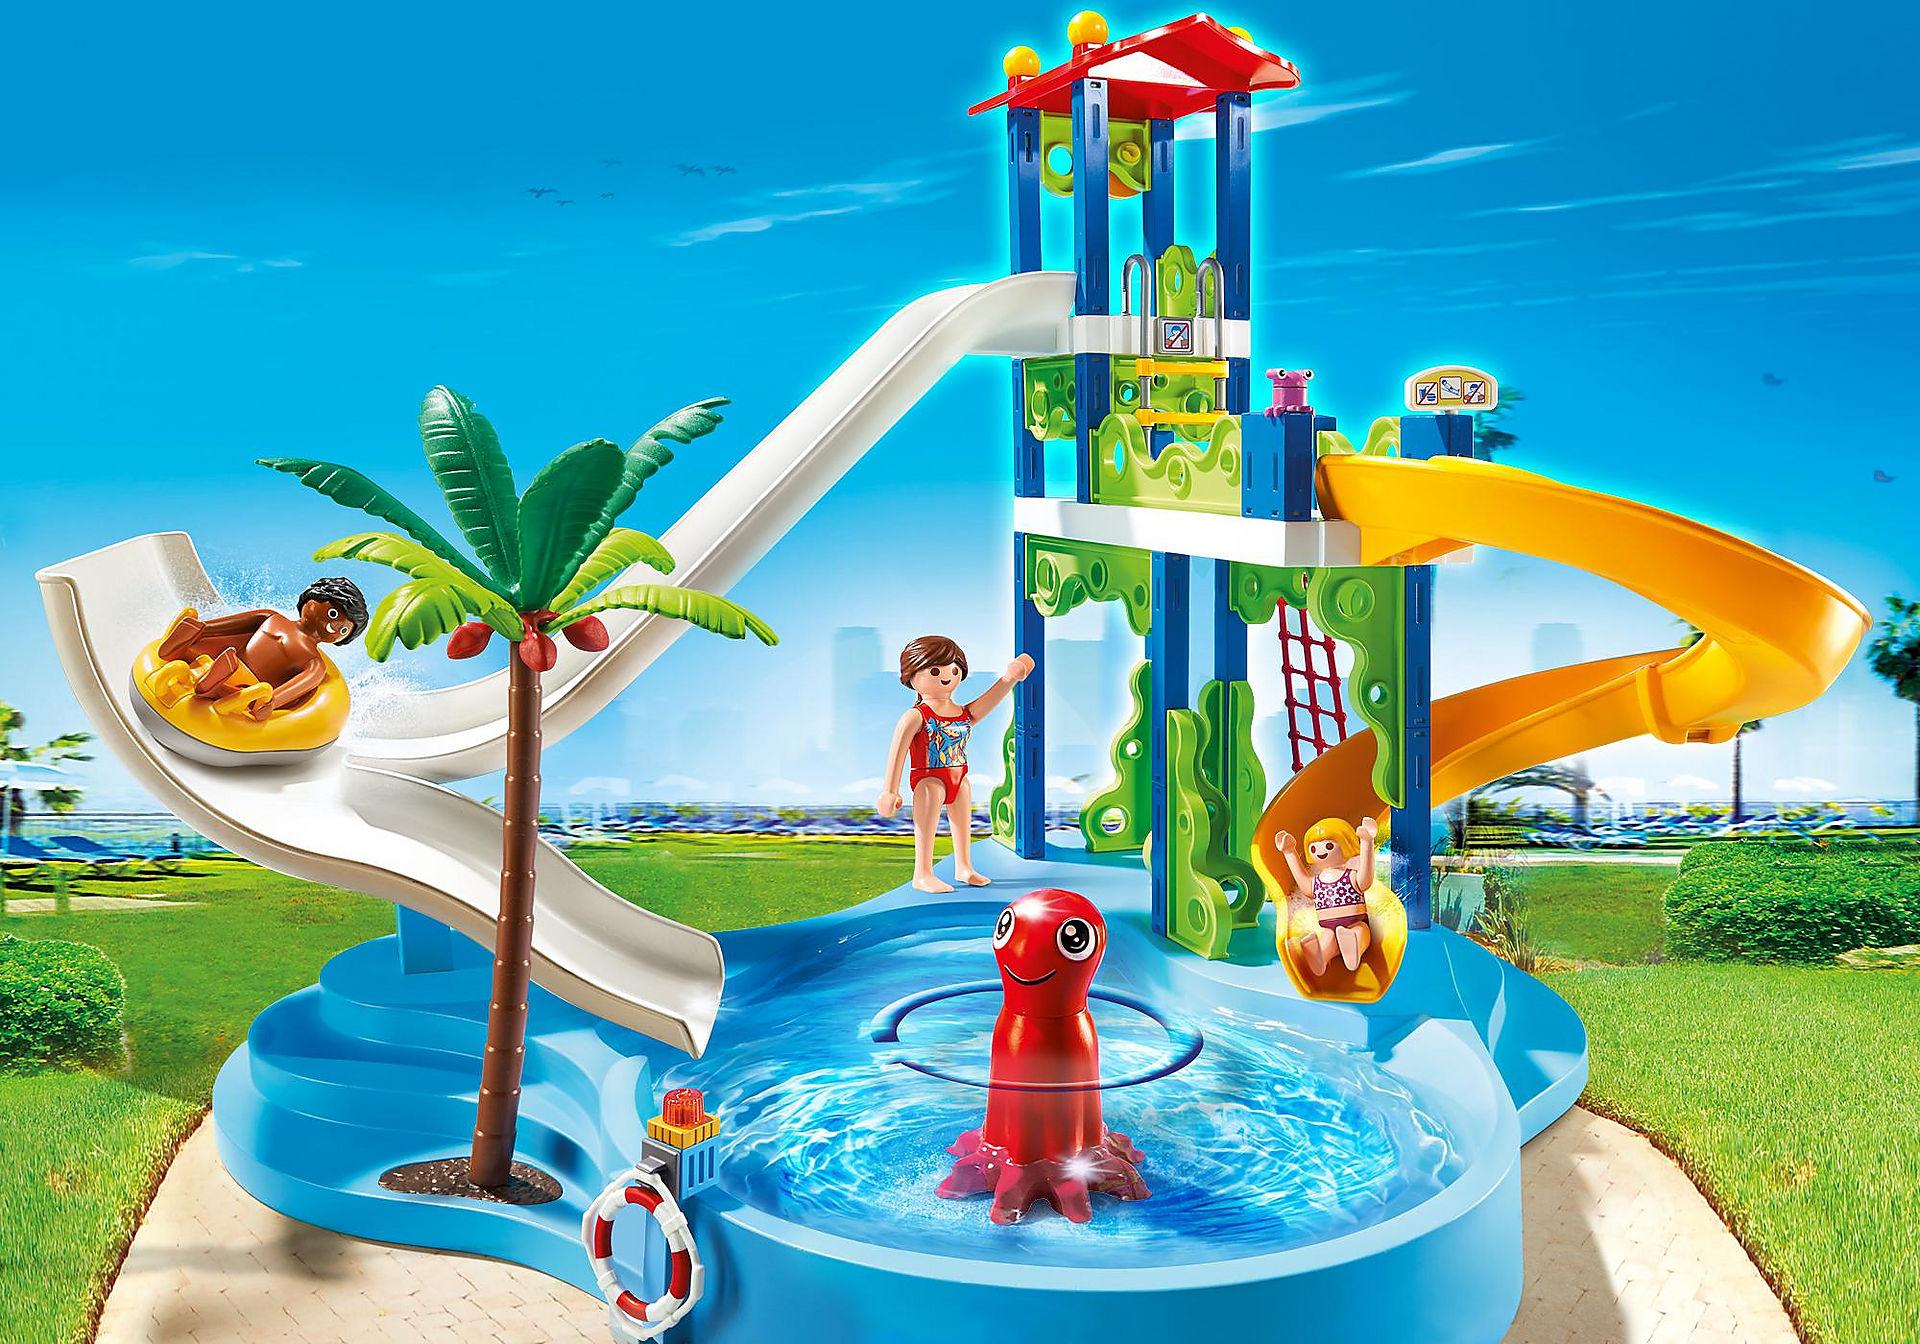 6669 Torre degli scivoli con piscina zoom image1